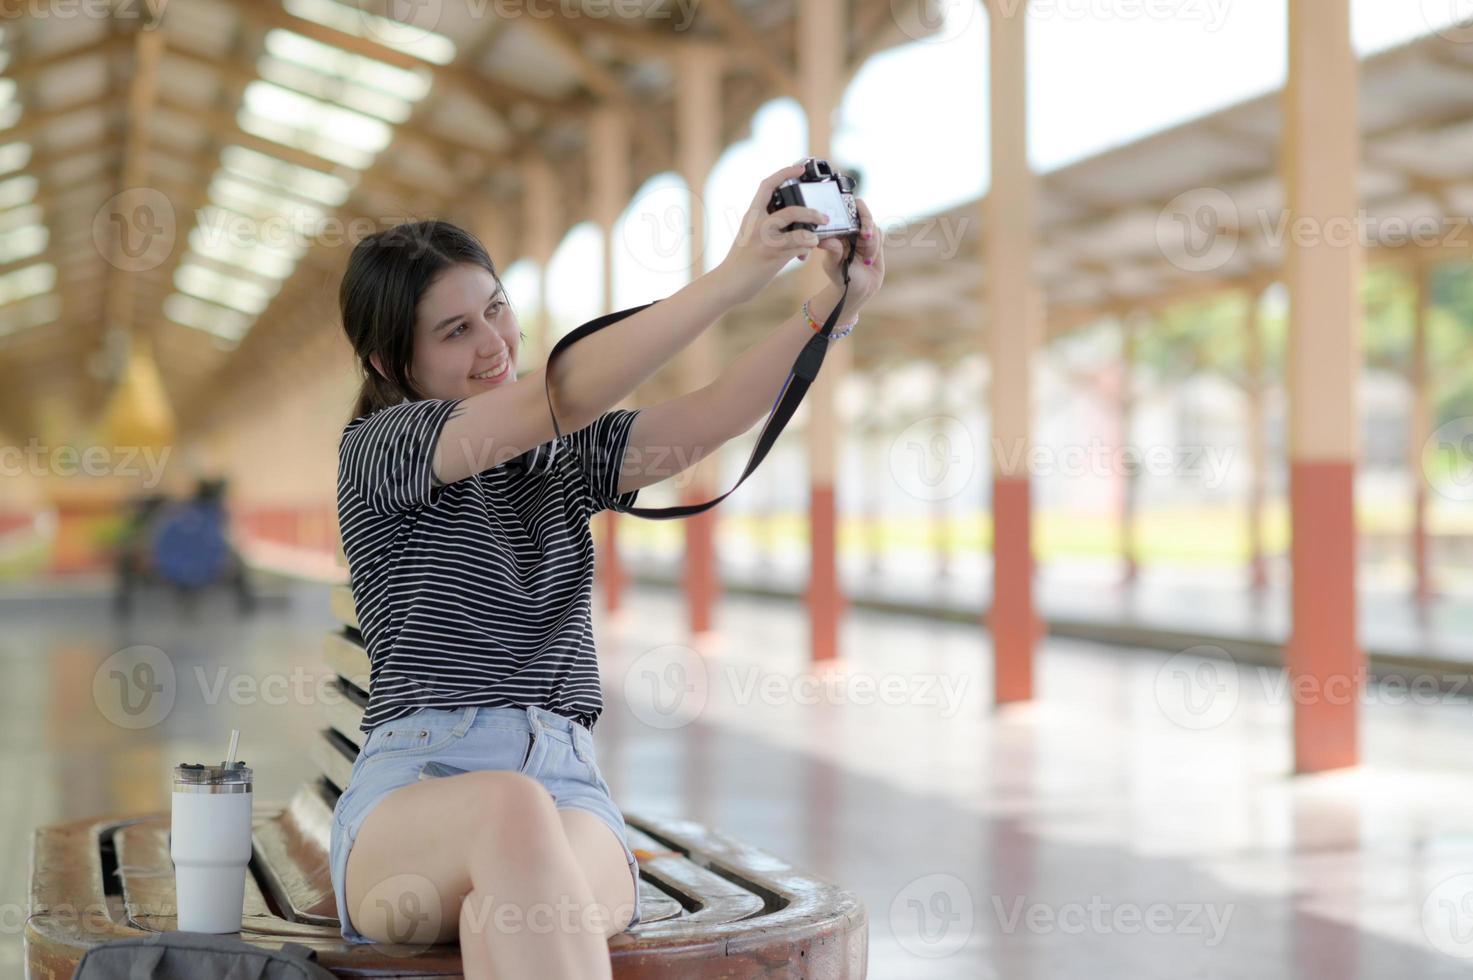 une touriste adolescente prend un selfie en attendant un voyage. photo